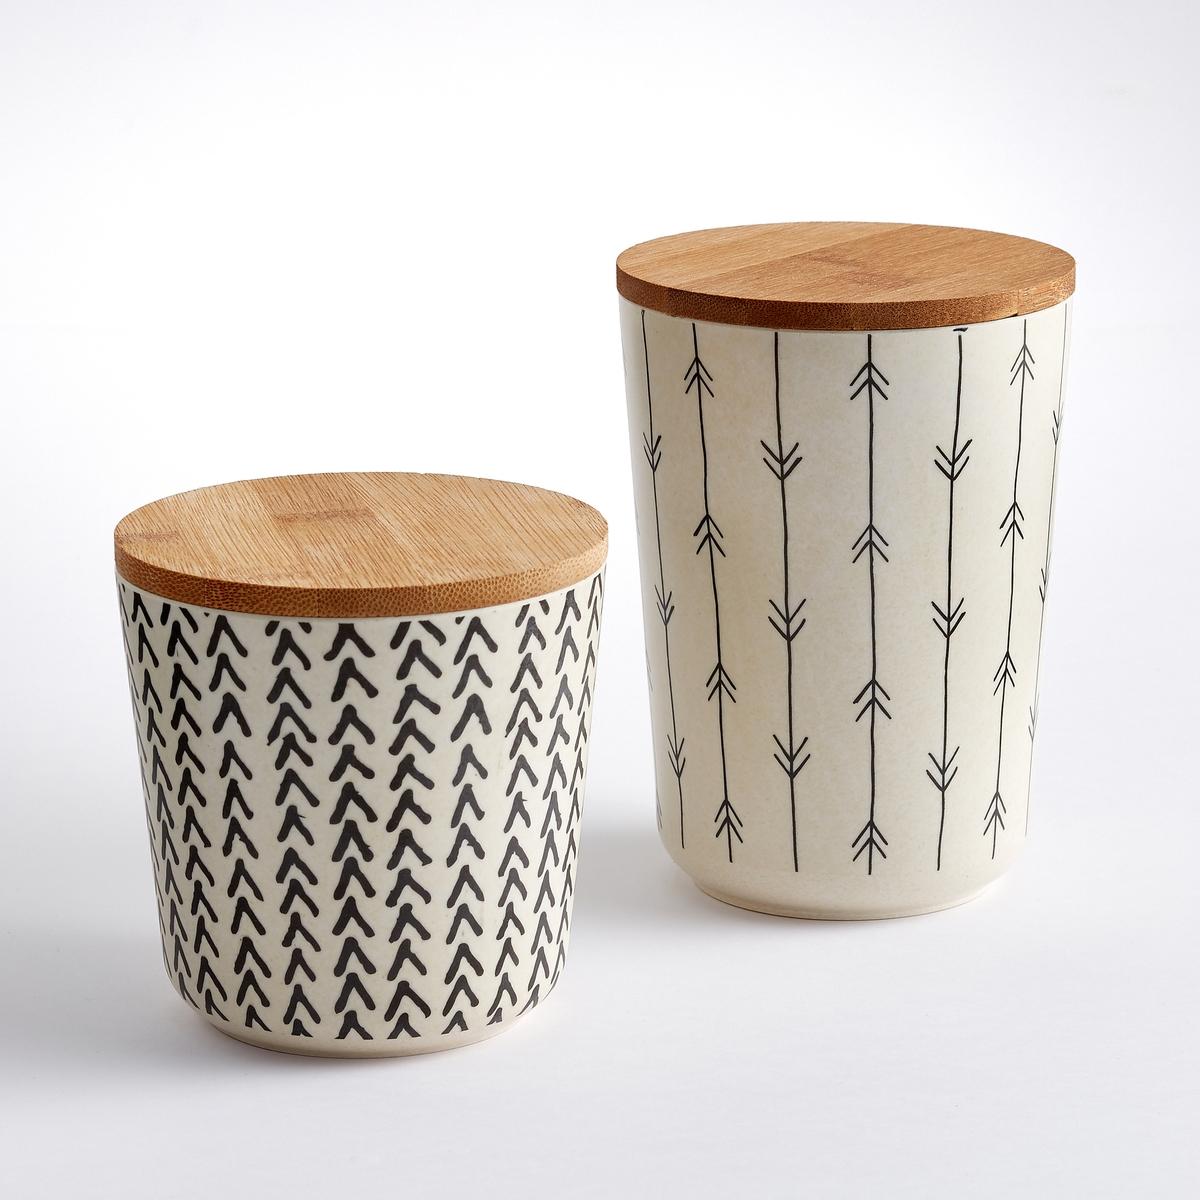 Коробка для хранения бамбуковая, BAMBOSKA, (2 шт.)Экзотический материал, графический этнический стиль : коробки для хранения Bamboska пригодятся при любых обстоятельствах и украсят Ваш интерьер.Характеристики 2 коробок для хранения из бамбука Bamboska :С рисунком, 2 различных мотива.Размеры 2 коробок для хранения из бамбука Bamboska :Коробка 1 : диаметр. 10,3 x высота 14,8 см.Коробка 2 : диаметр. 10,3 x высота 10,8 см.Бамбук с рисунком, цвета : кремовый / черный. Другие модели комплекта и другие коллекции предметов декора стола вы можете найти на сайте laredoute.ru<br><br>Цвет: набивной рисунок